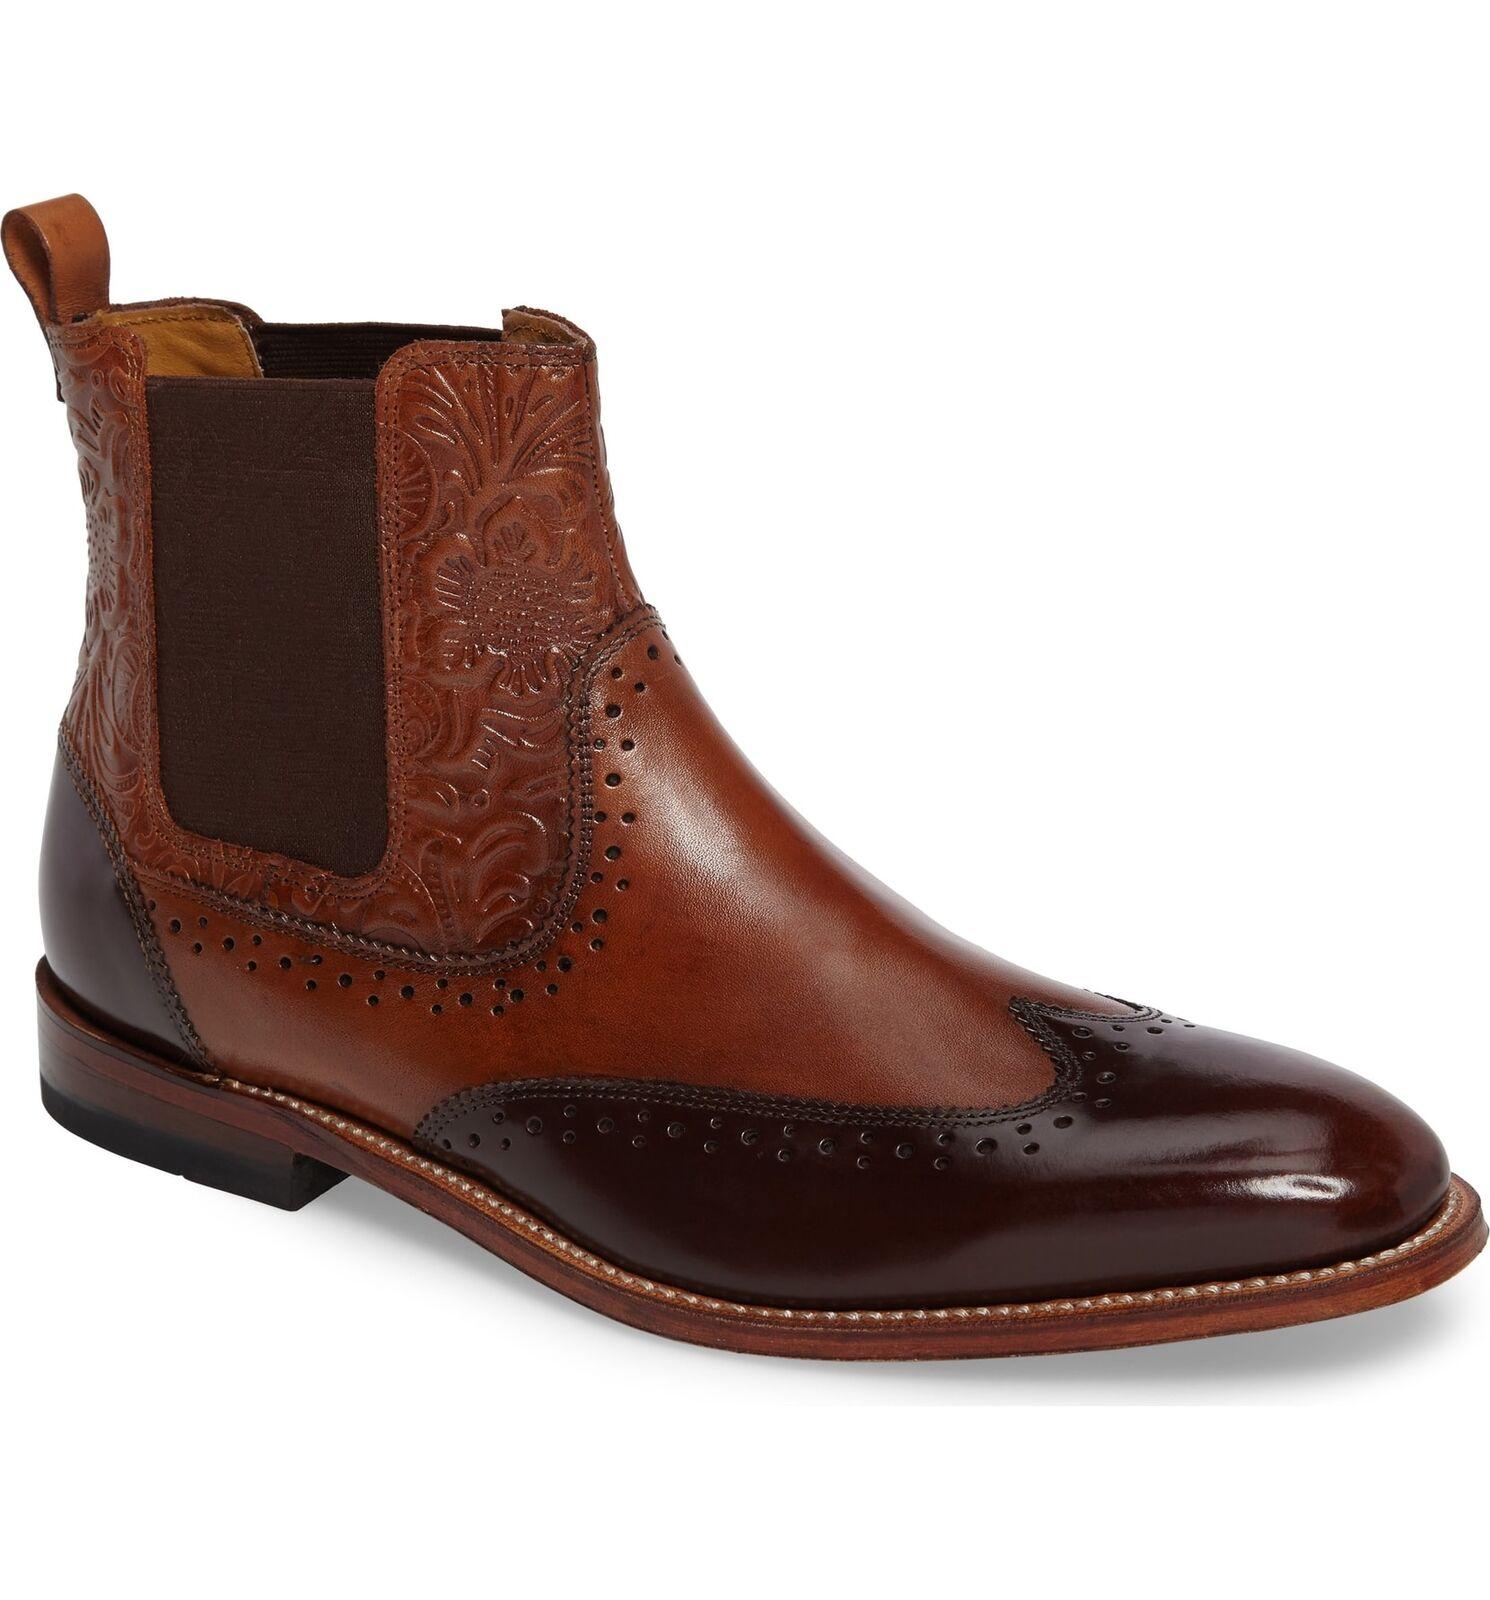 Stacy Adams Para Hombre M2 punta del ala Chelsea Coñac Multi Cuero botas 00084-229